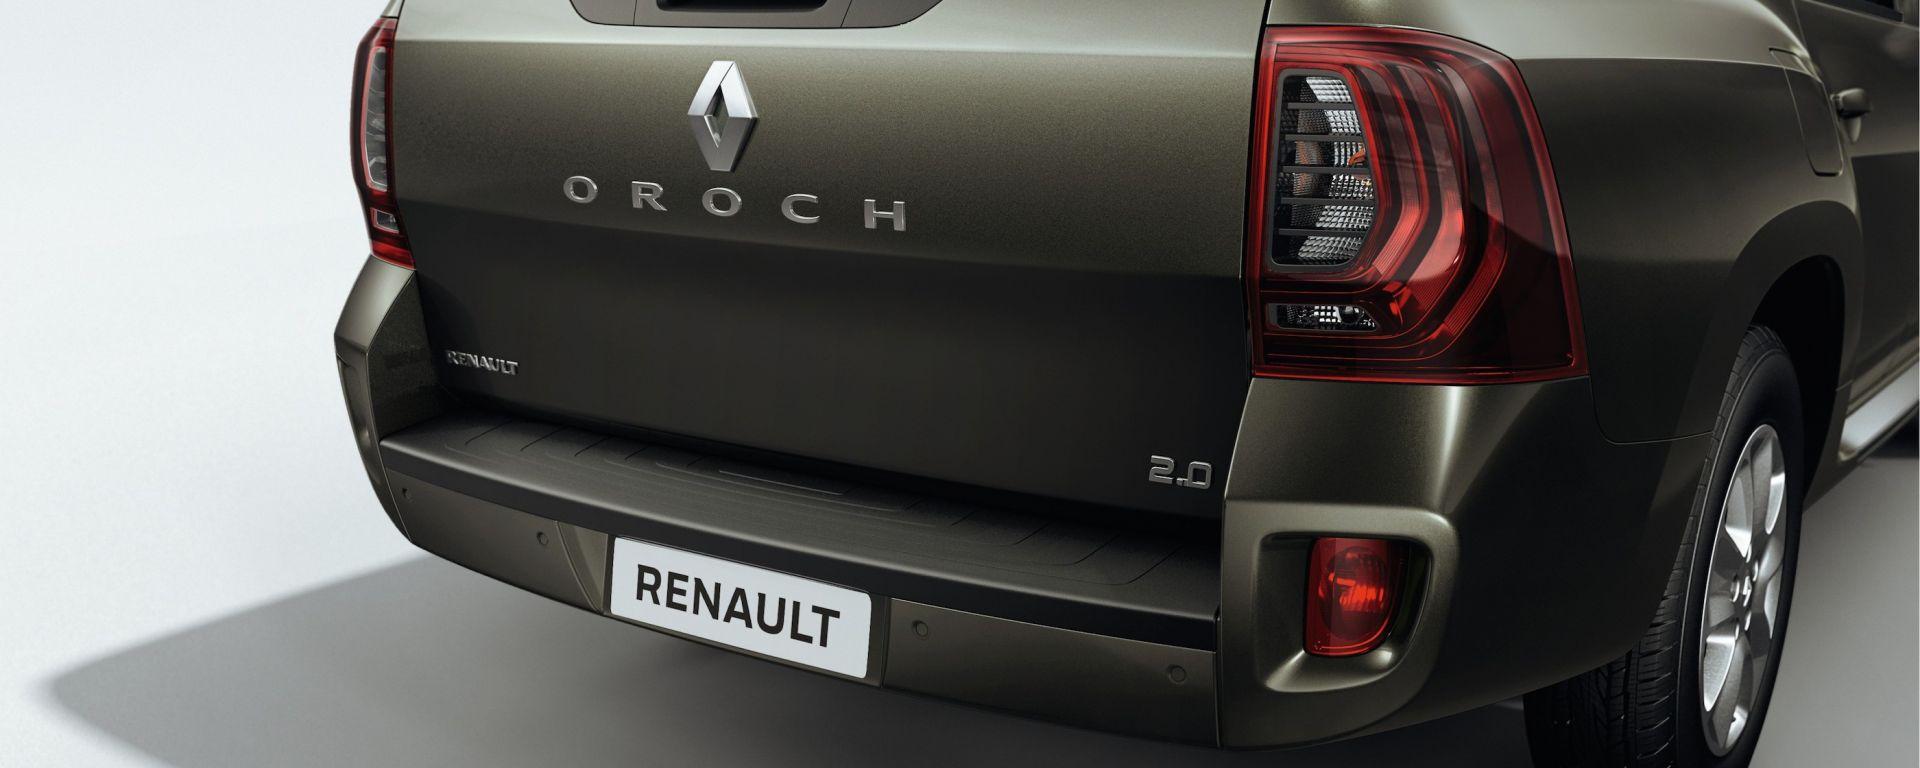 Renault Oroch: nuove info e foto ufficiali